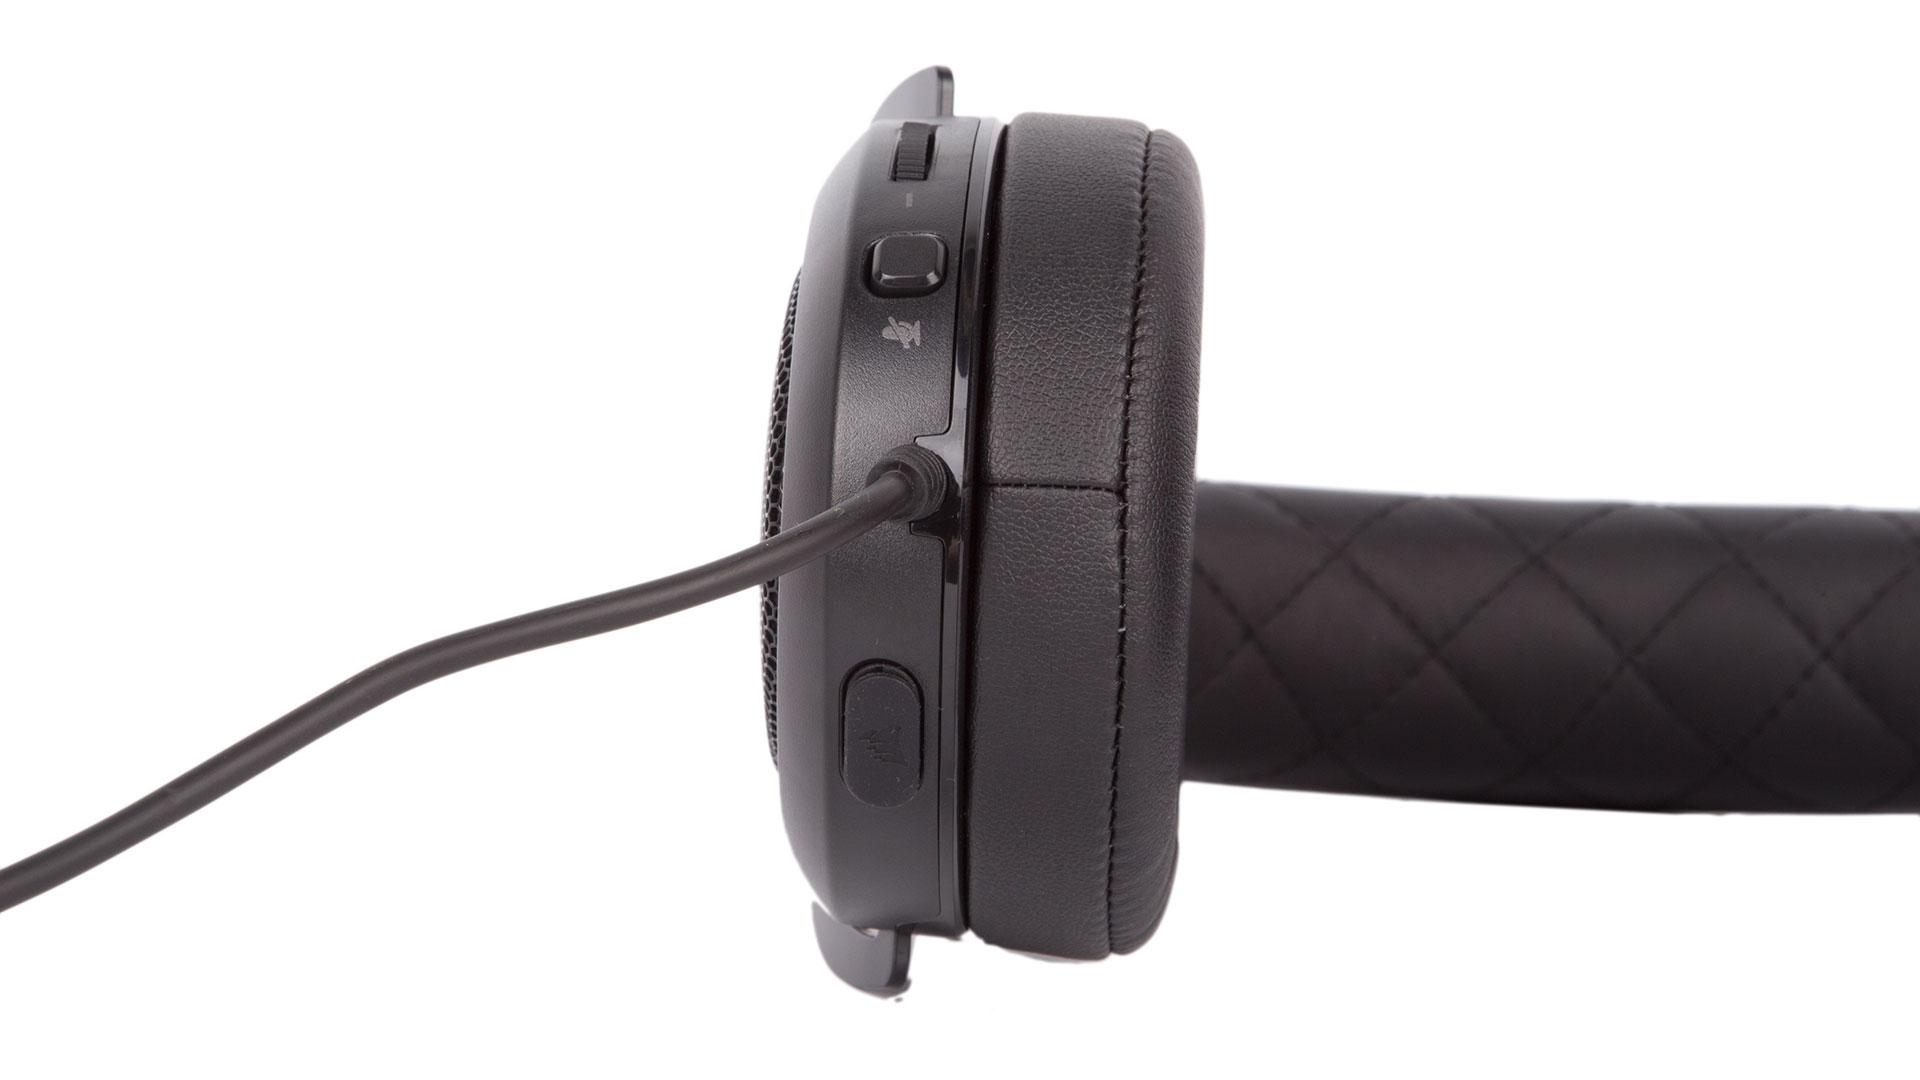 Corsair HS50 Stereo Review | bit-tech net